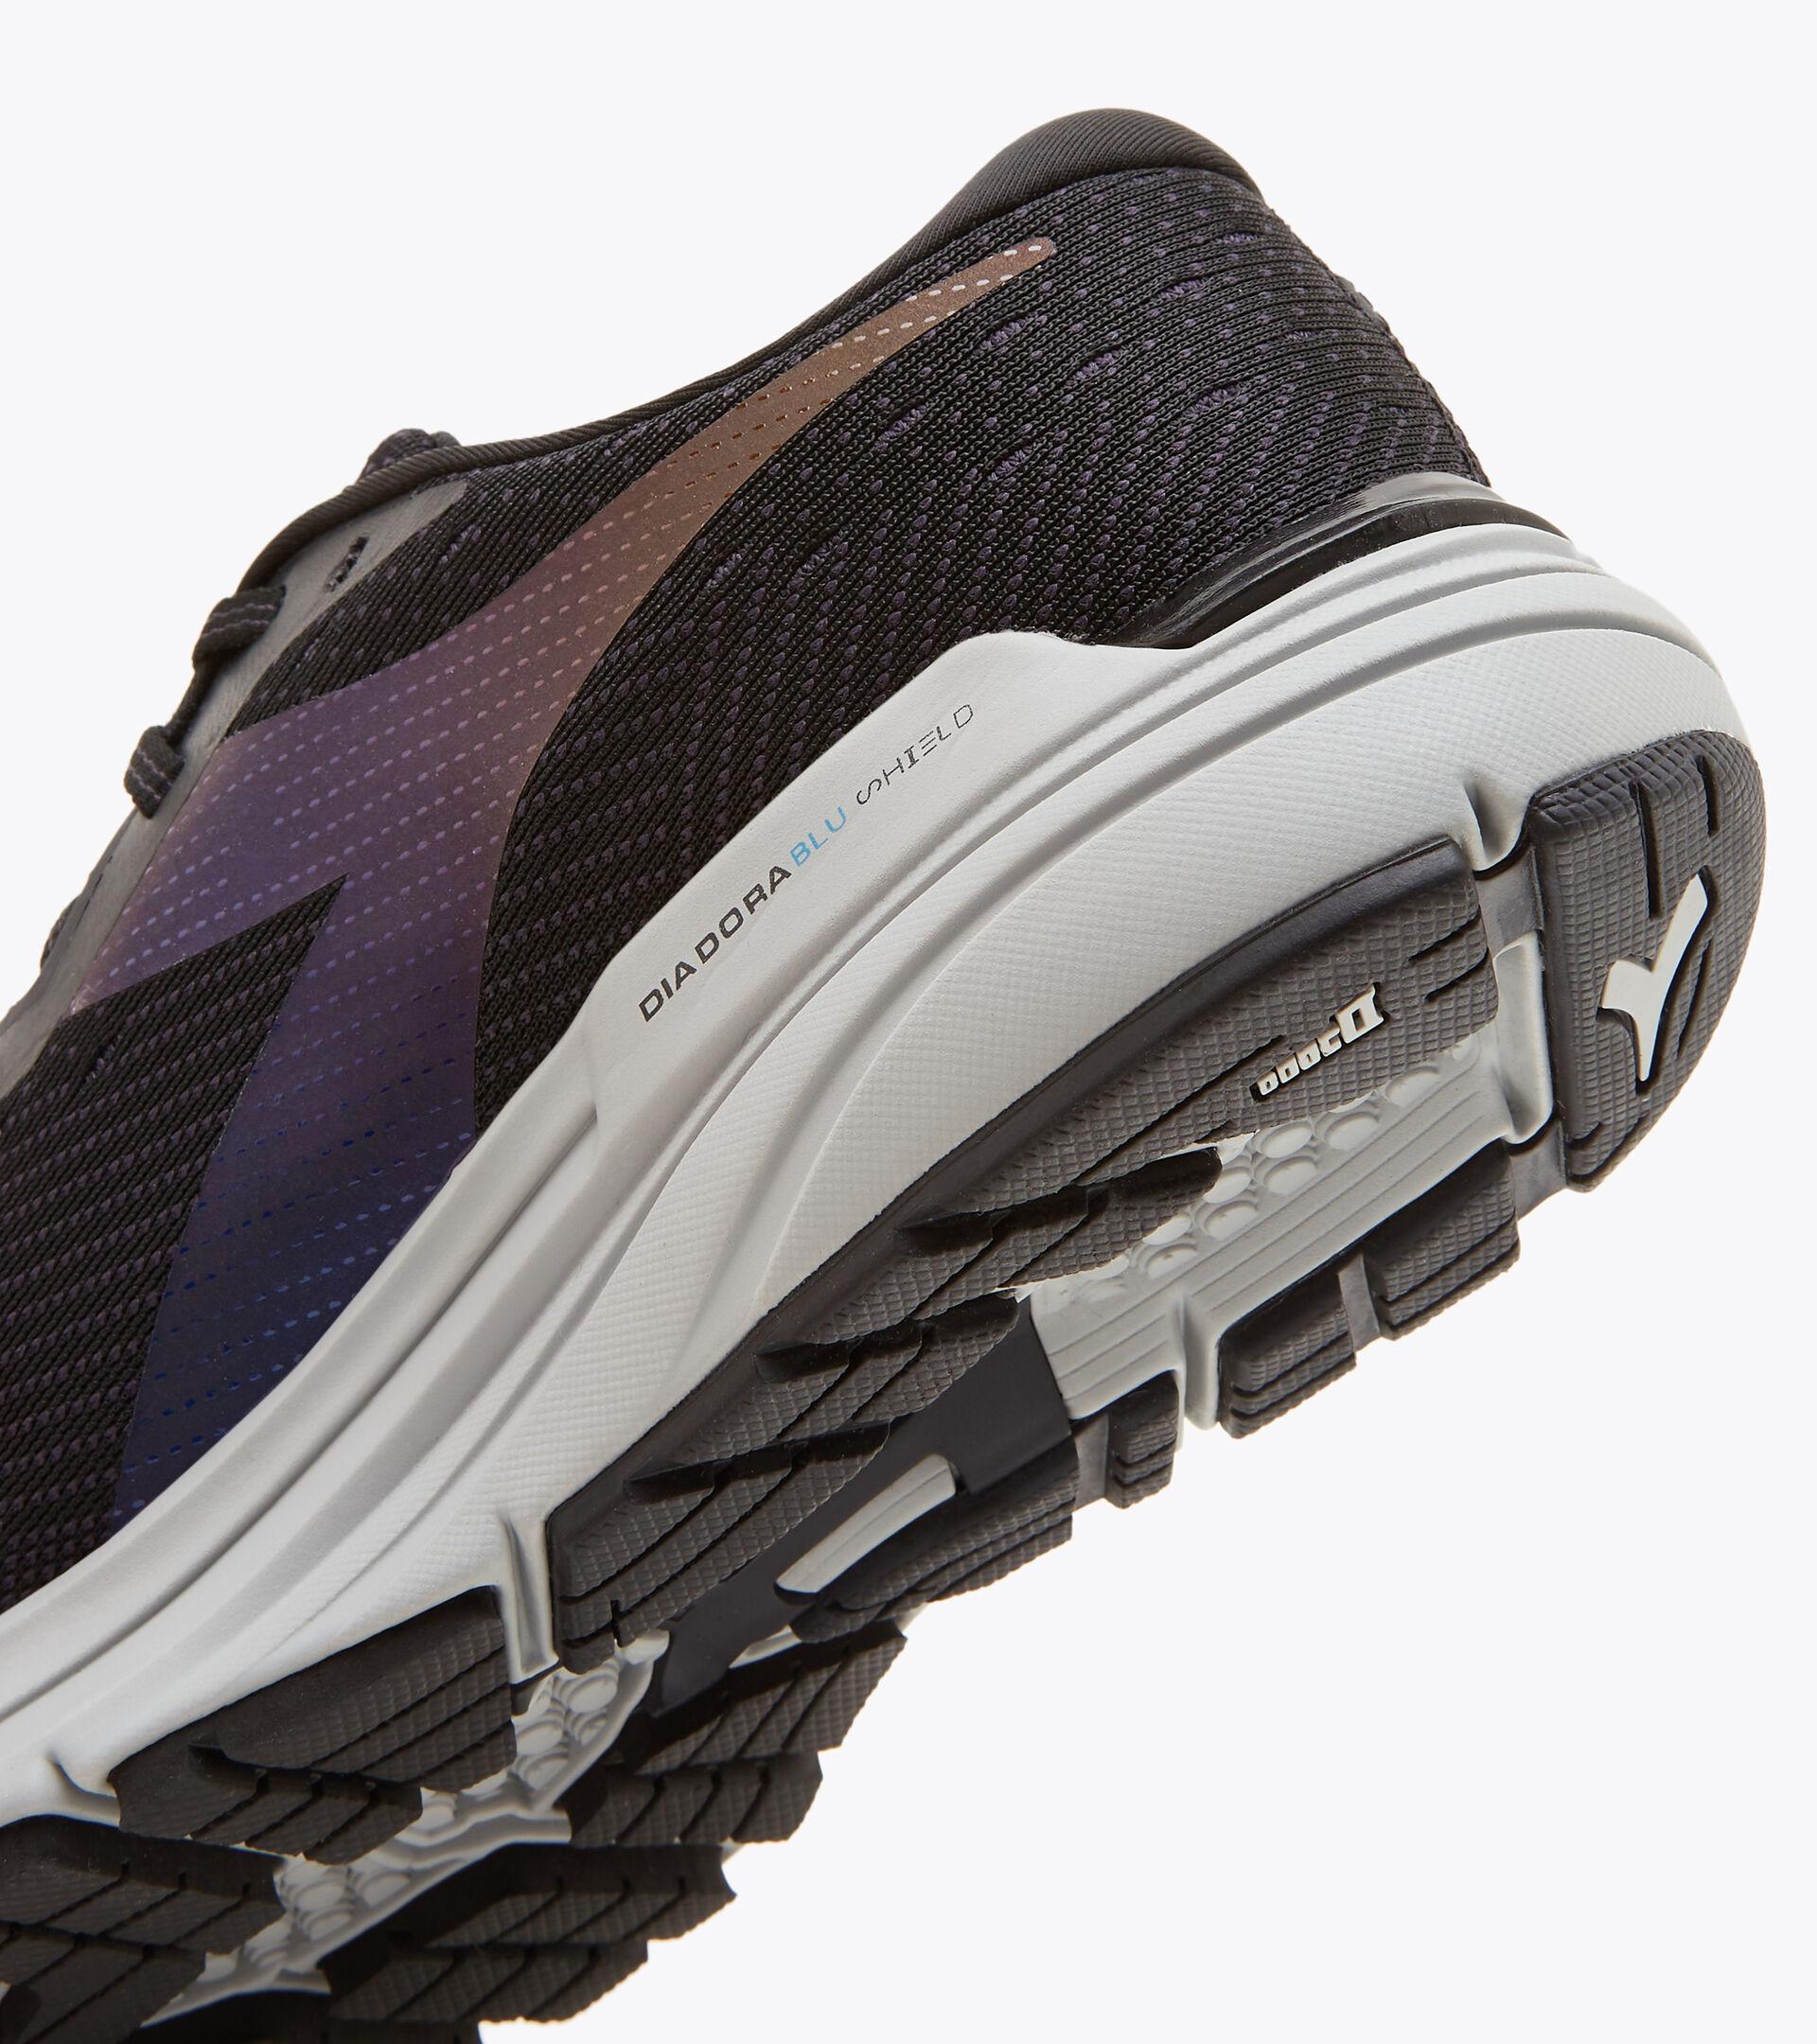 Chaussures de running - Femme MYTHOS BLUSHIELD HIP 6 W NOIR/ARGENT - Diadora